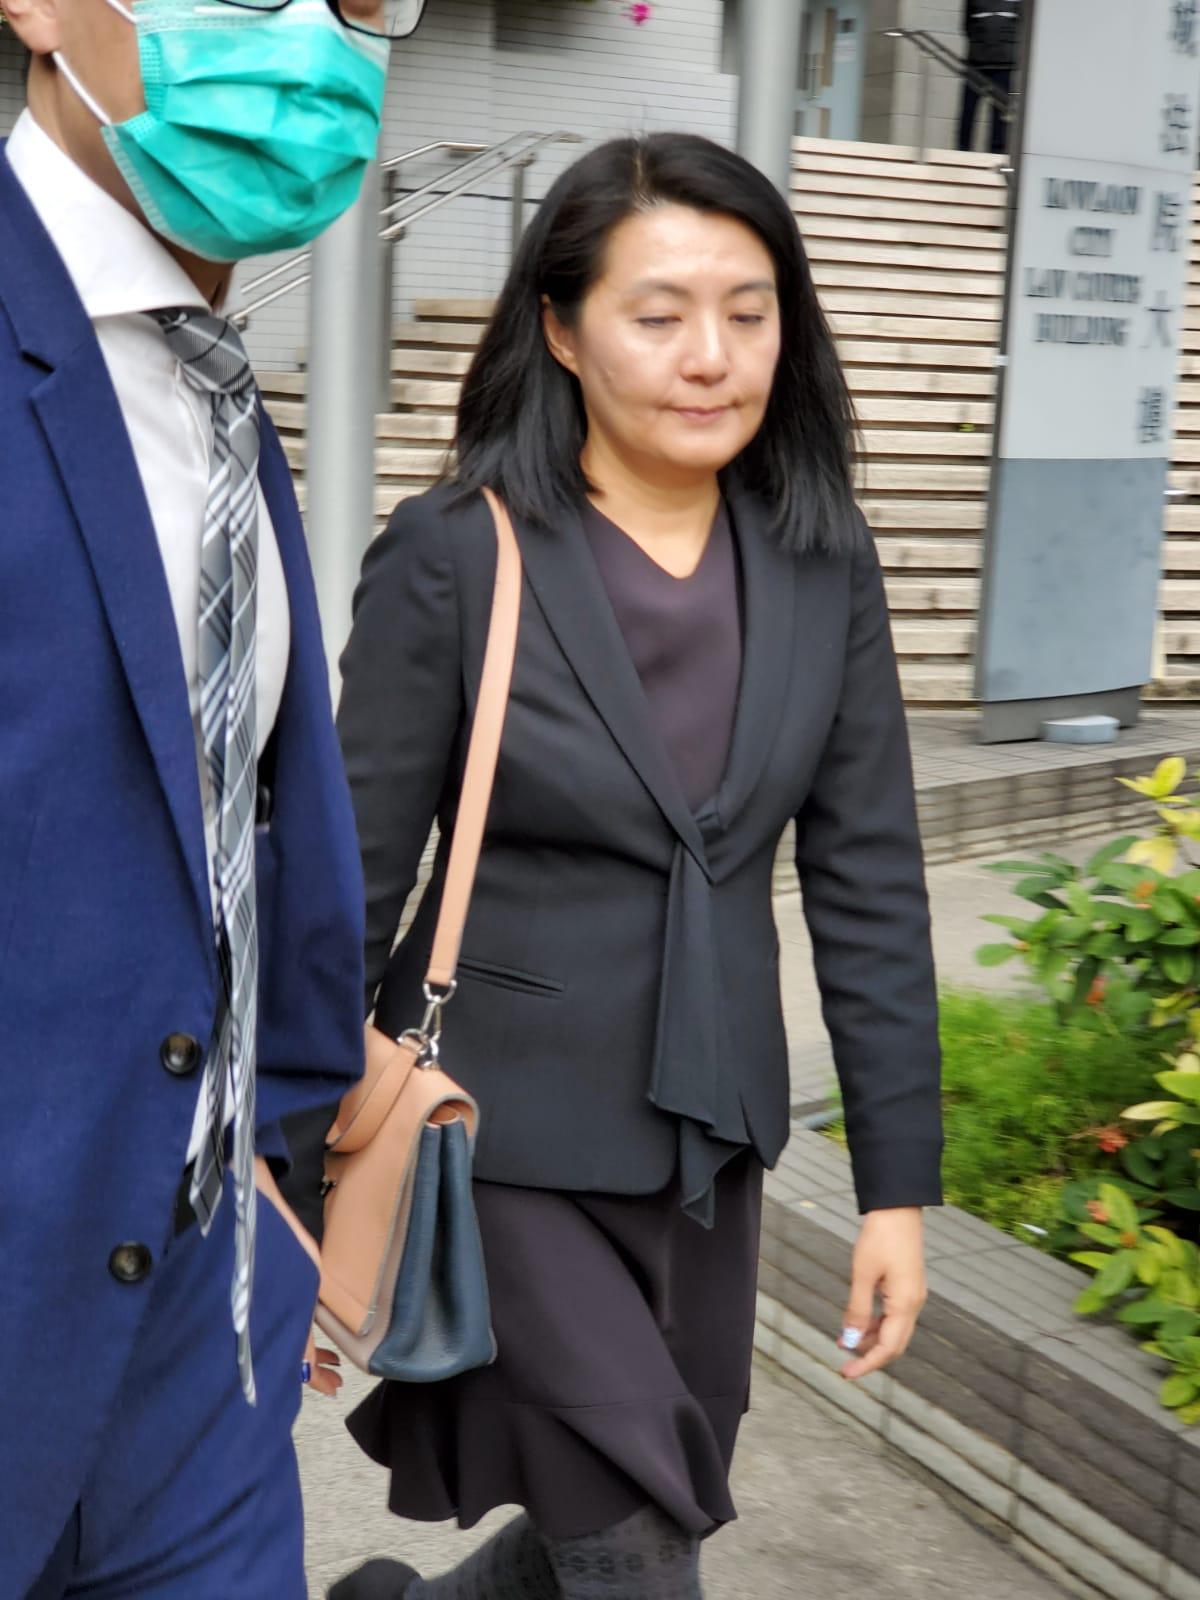 區諾軒涉大聲公襲警 主控官揚言議員無特權「唔係大曬」